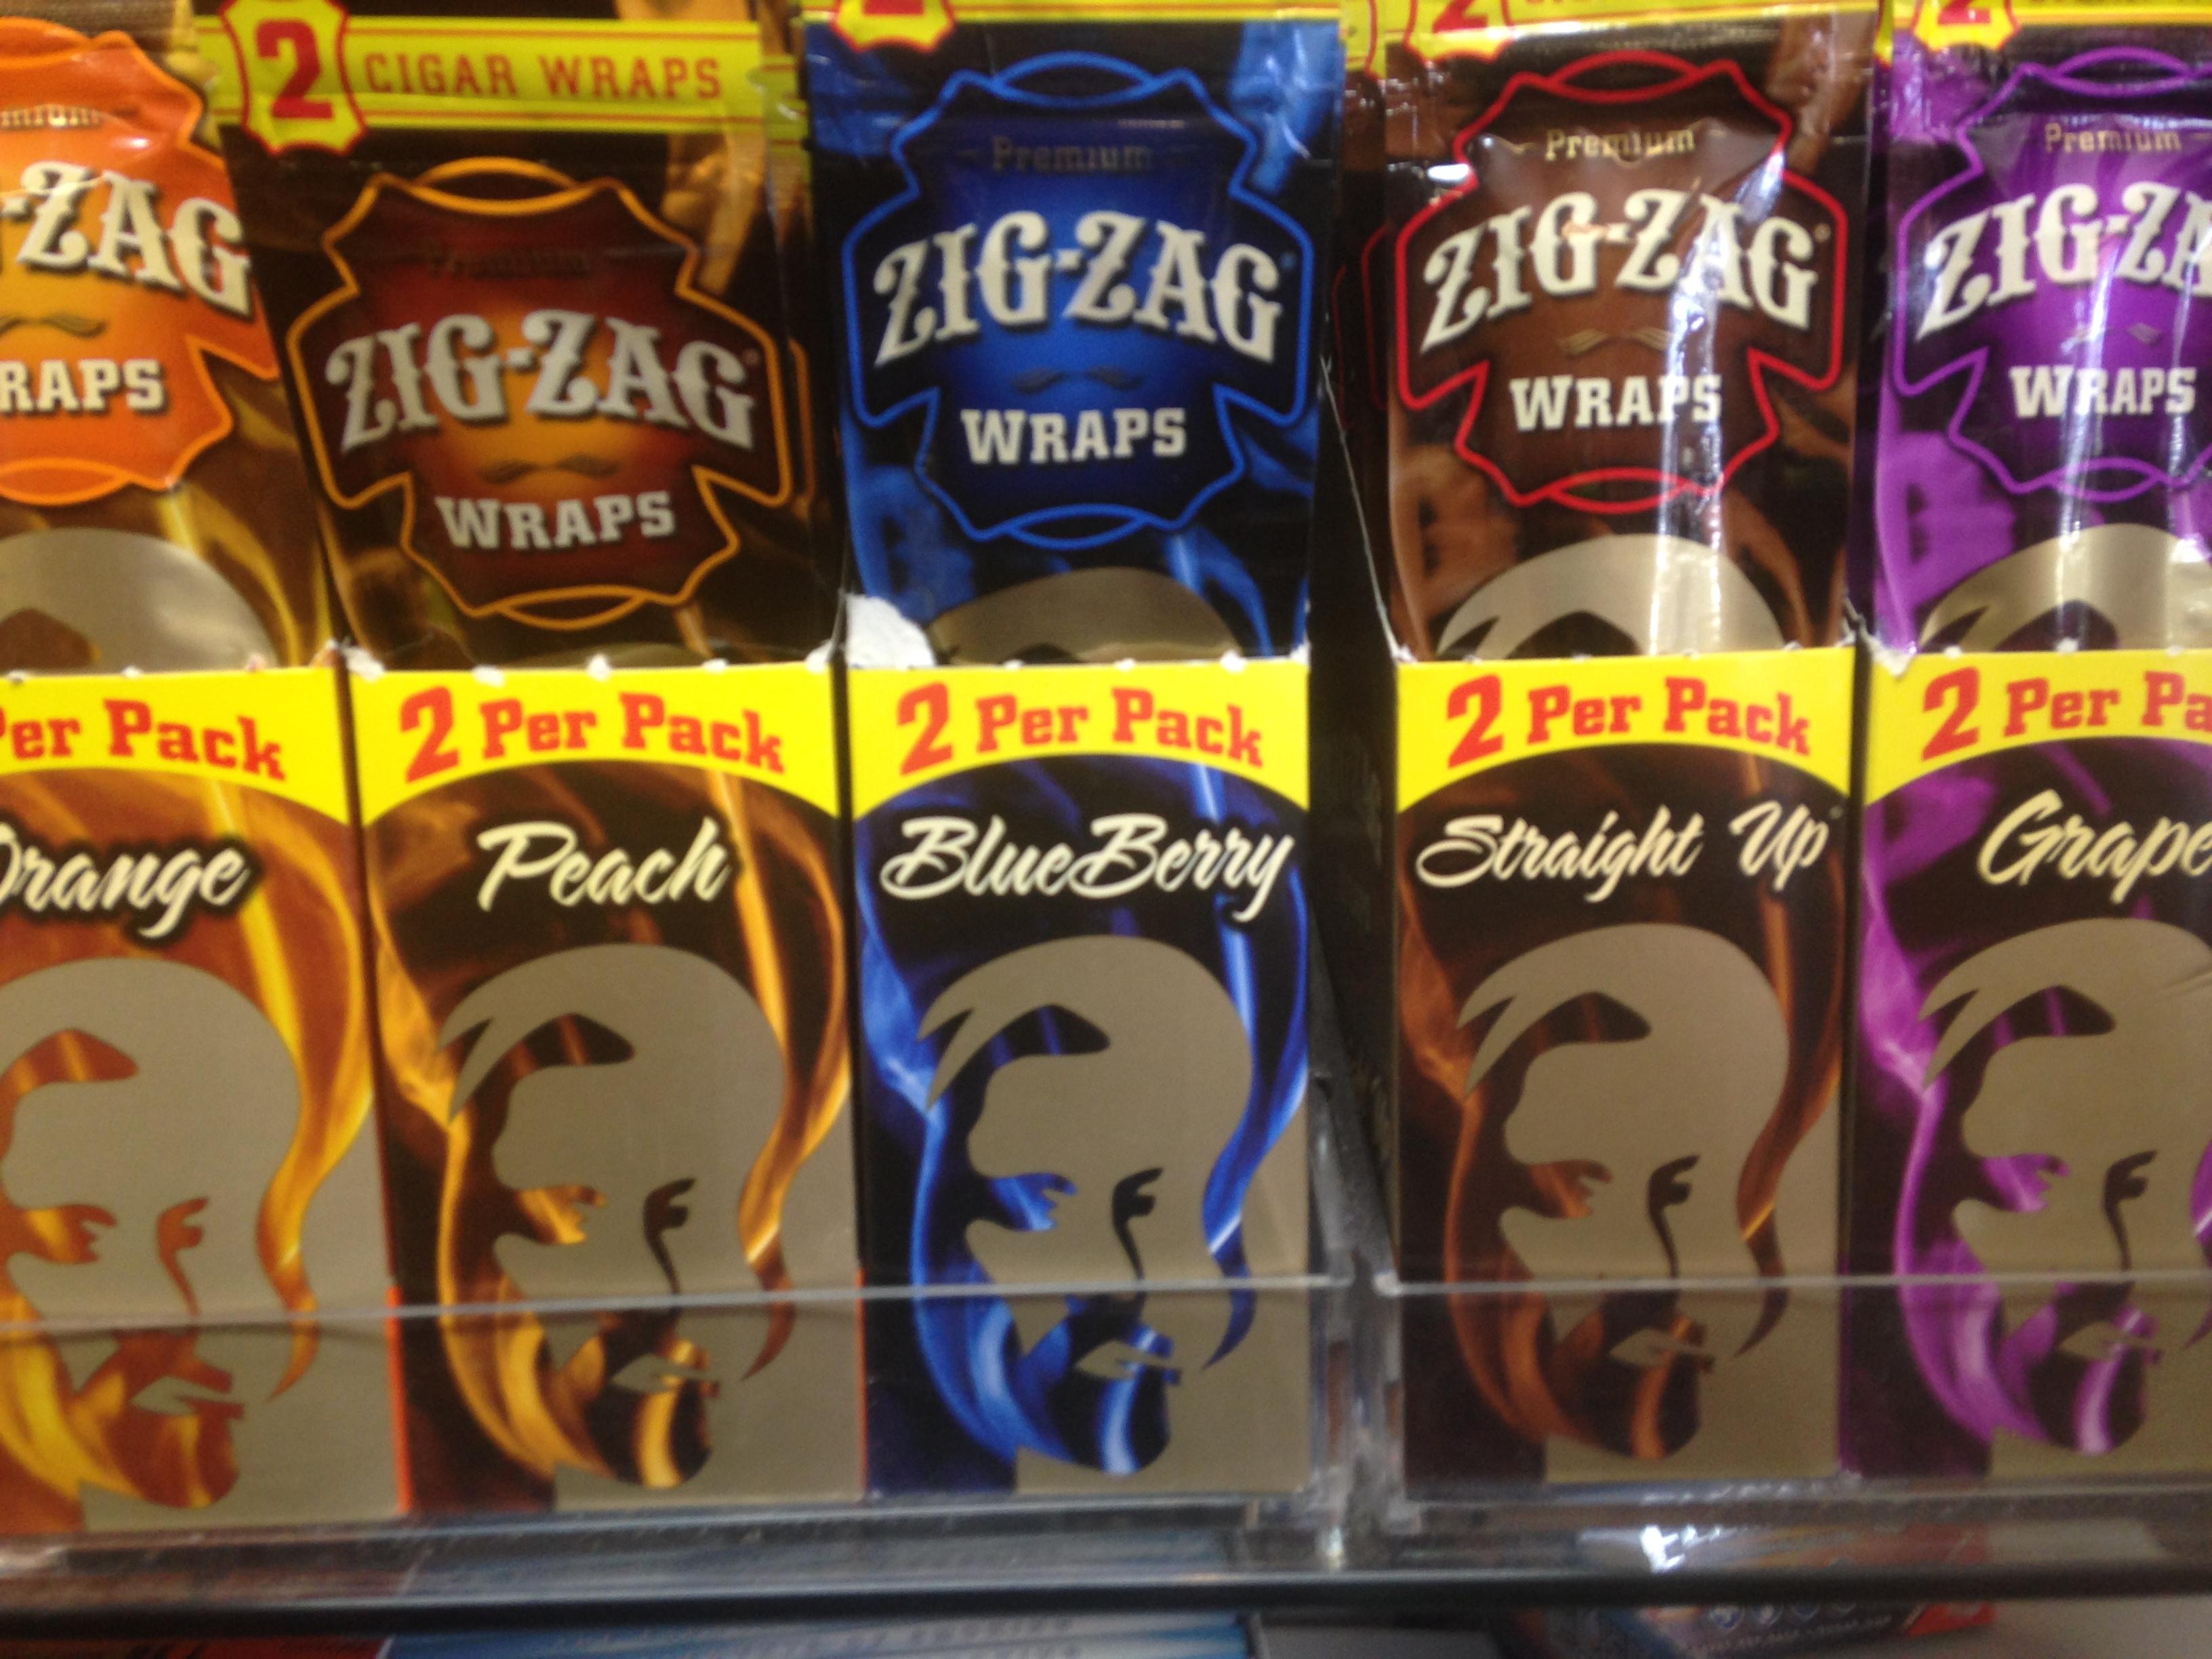 Blunt Wraps Zig Zag Wraps San Diego Smoke Shop Smoke Shack